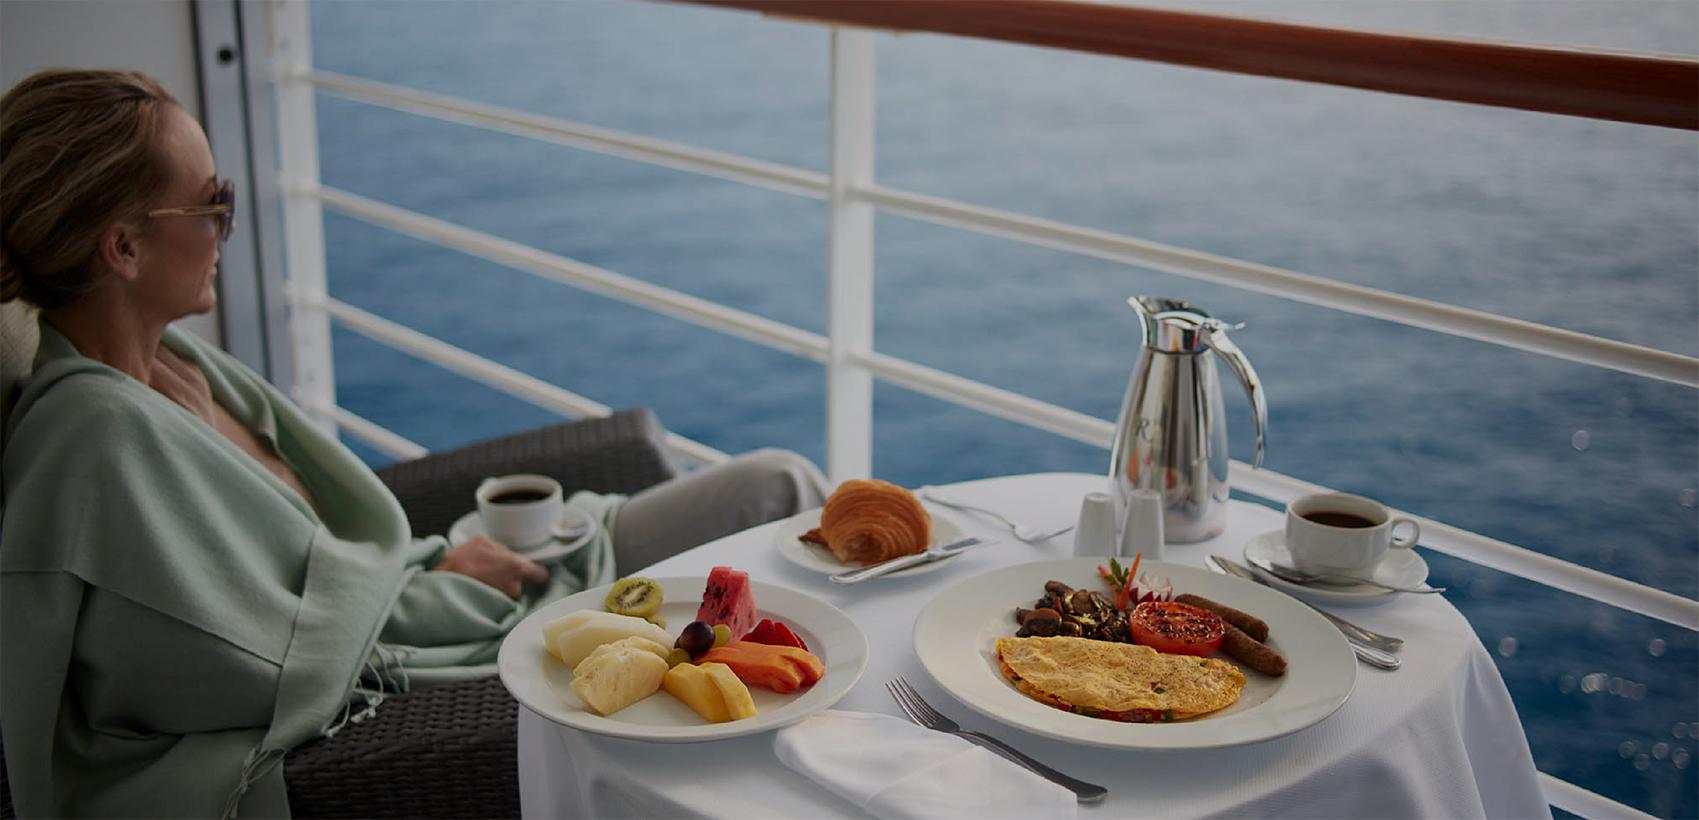 Découvrez le monde à votre manière avec Oceania Cruises